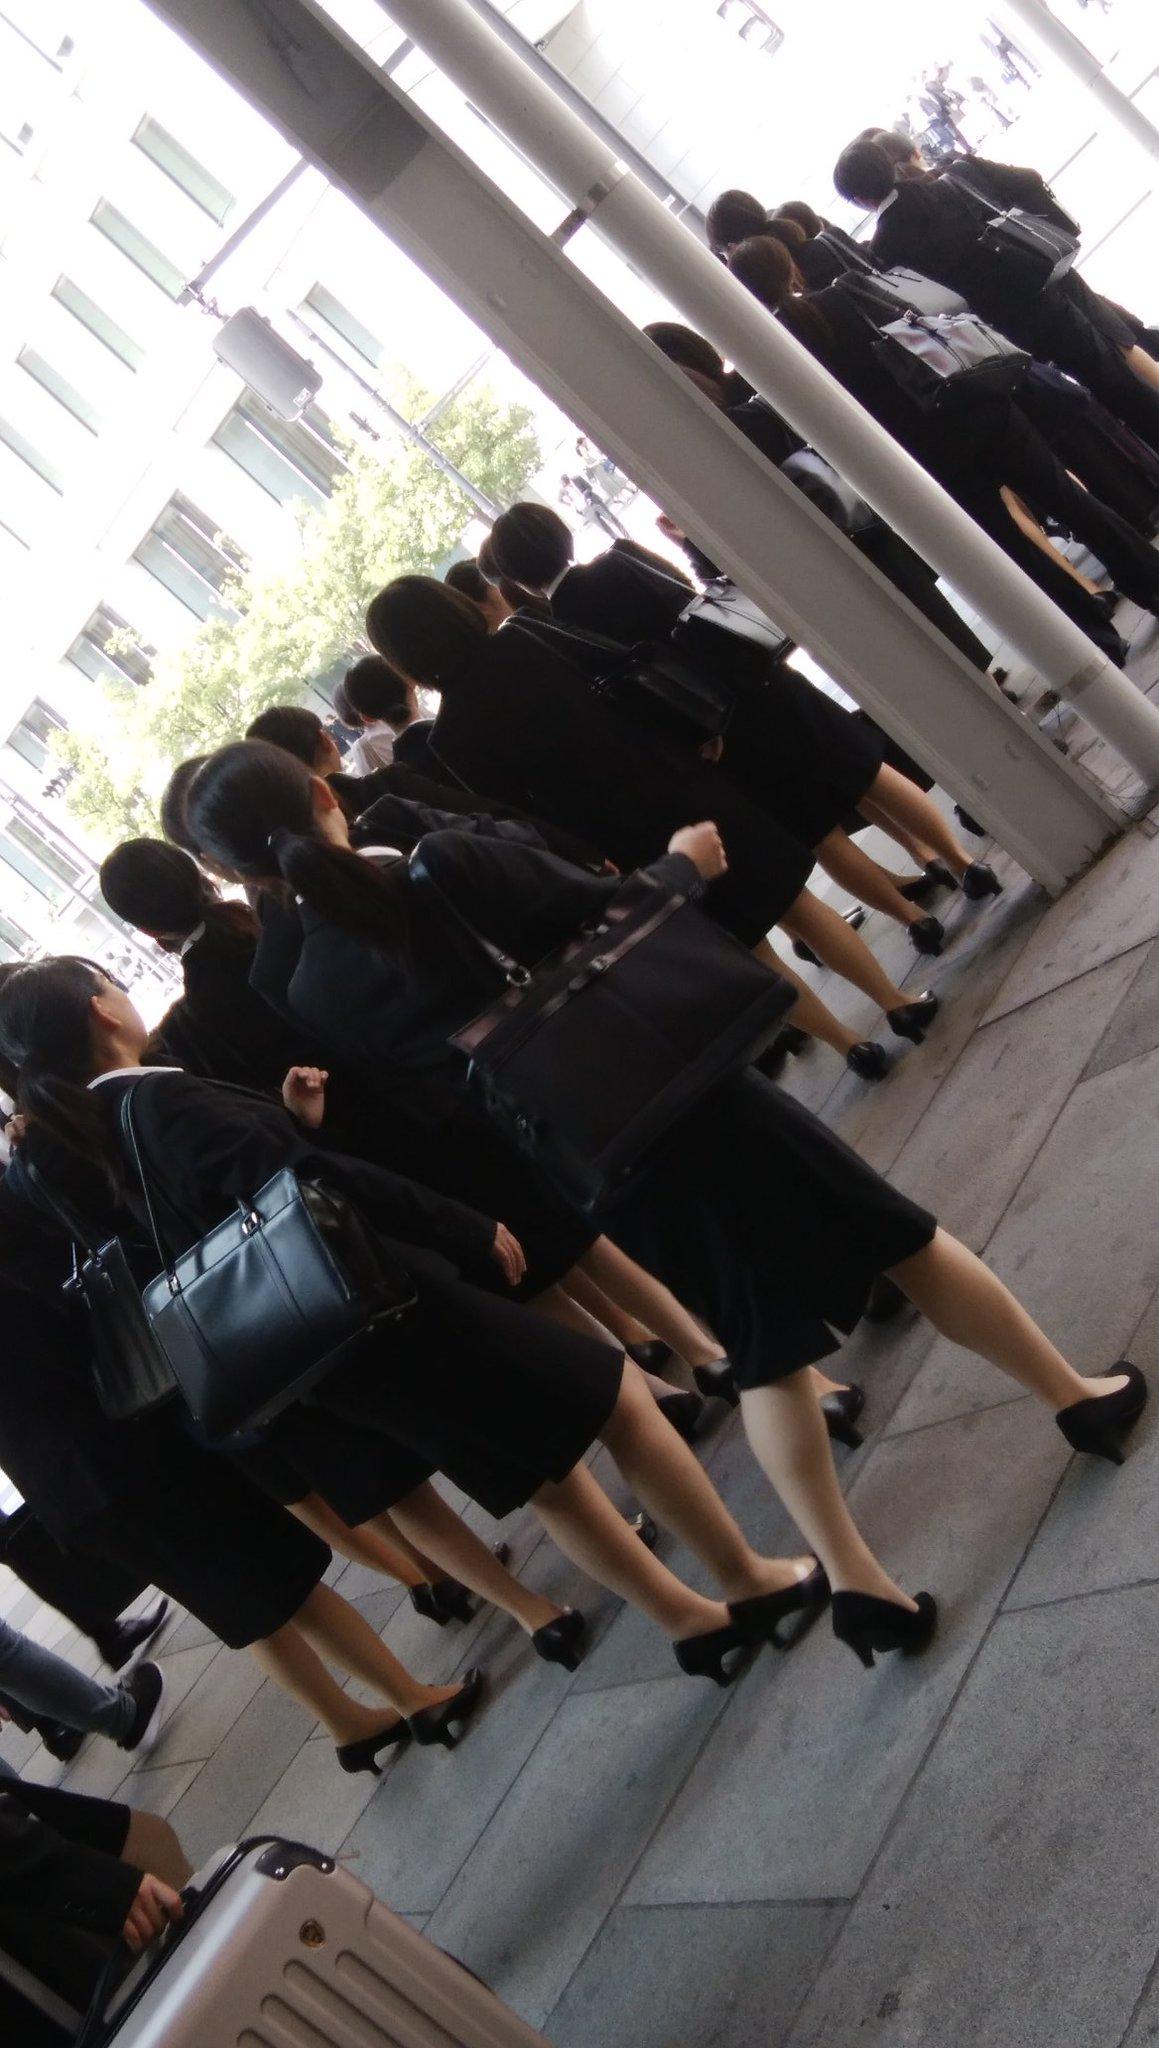 東京駅すごい。地方から髪形も服も鞄も靴も化粧も同じコピーされたような新入社員が大量に歩いてる